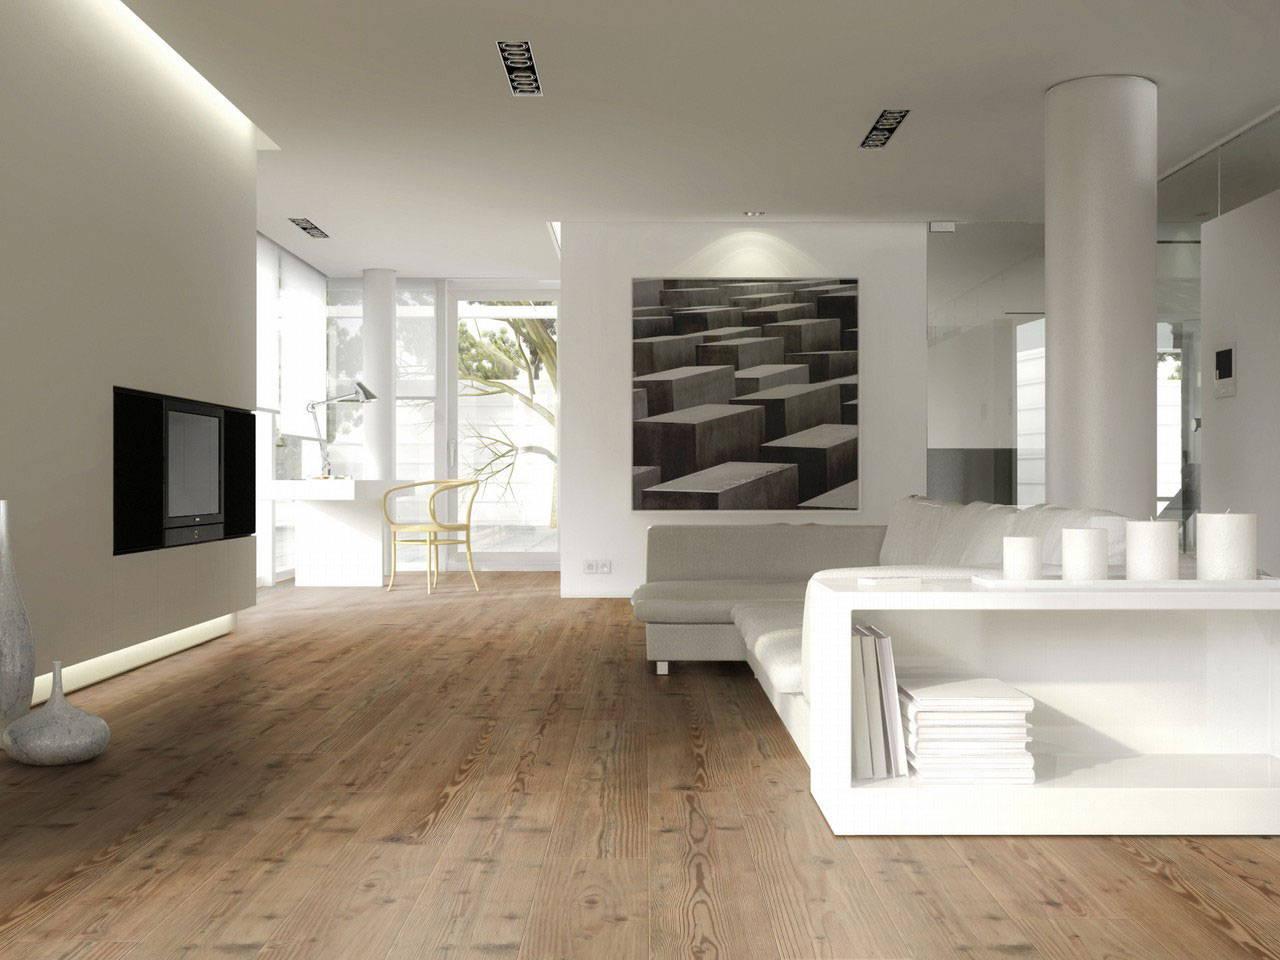 какой фирмы ламинат лучше выбрать для квартиры